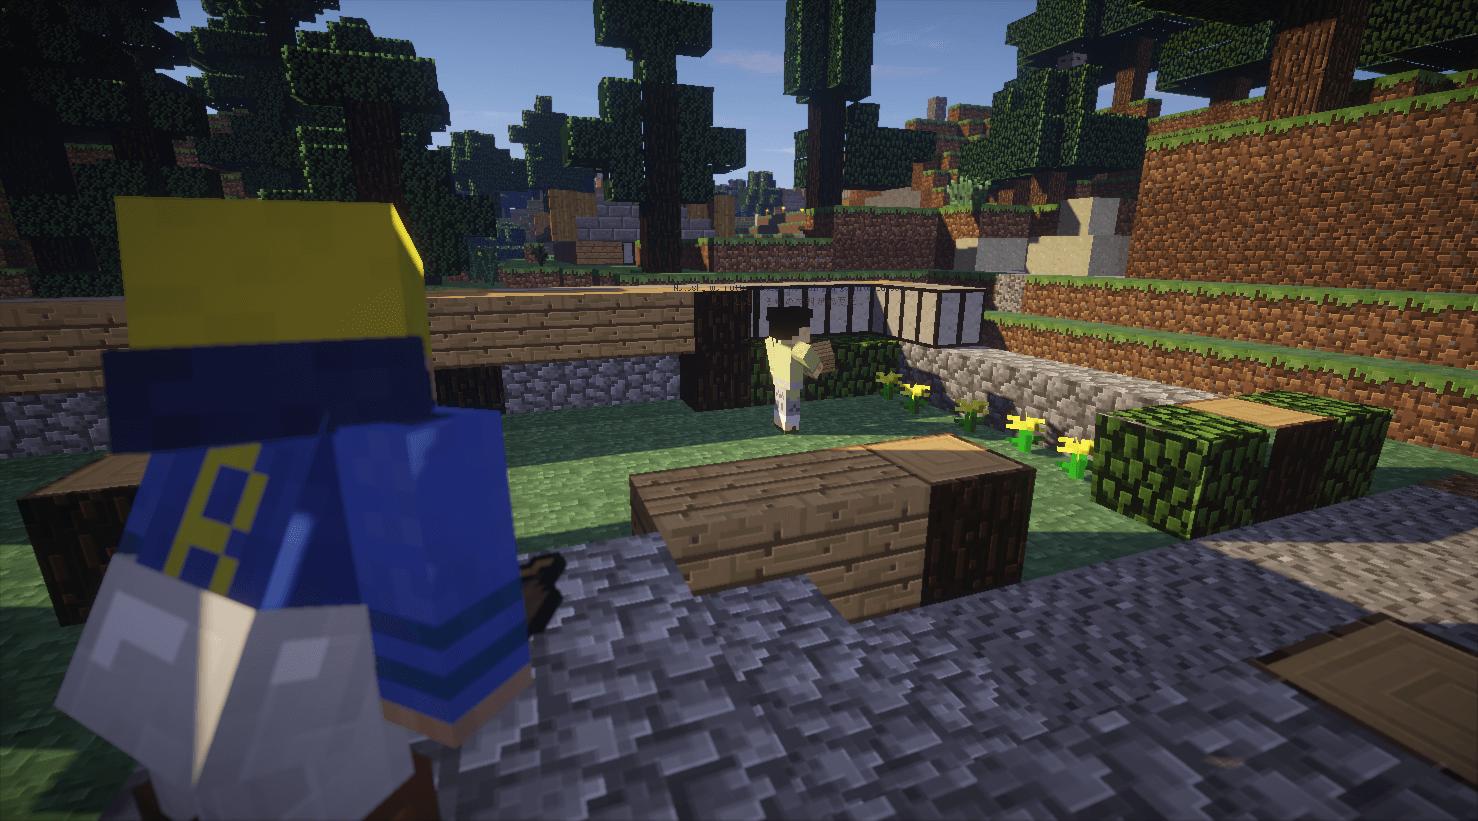 村人に家を作ってもらってる